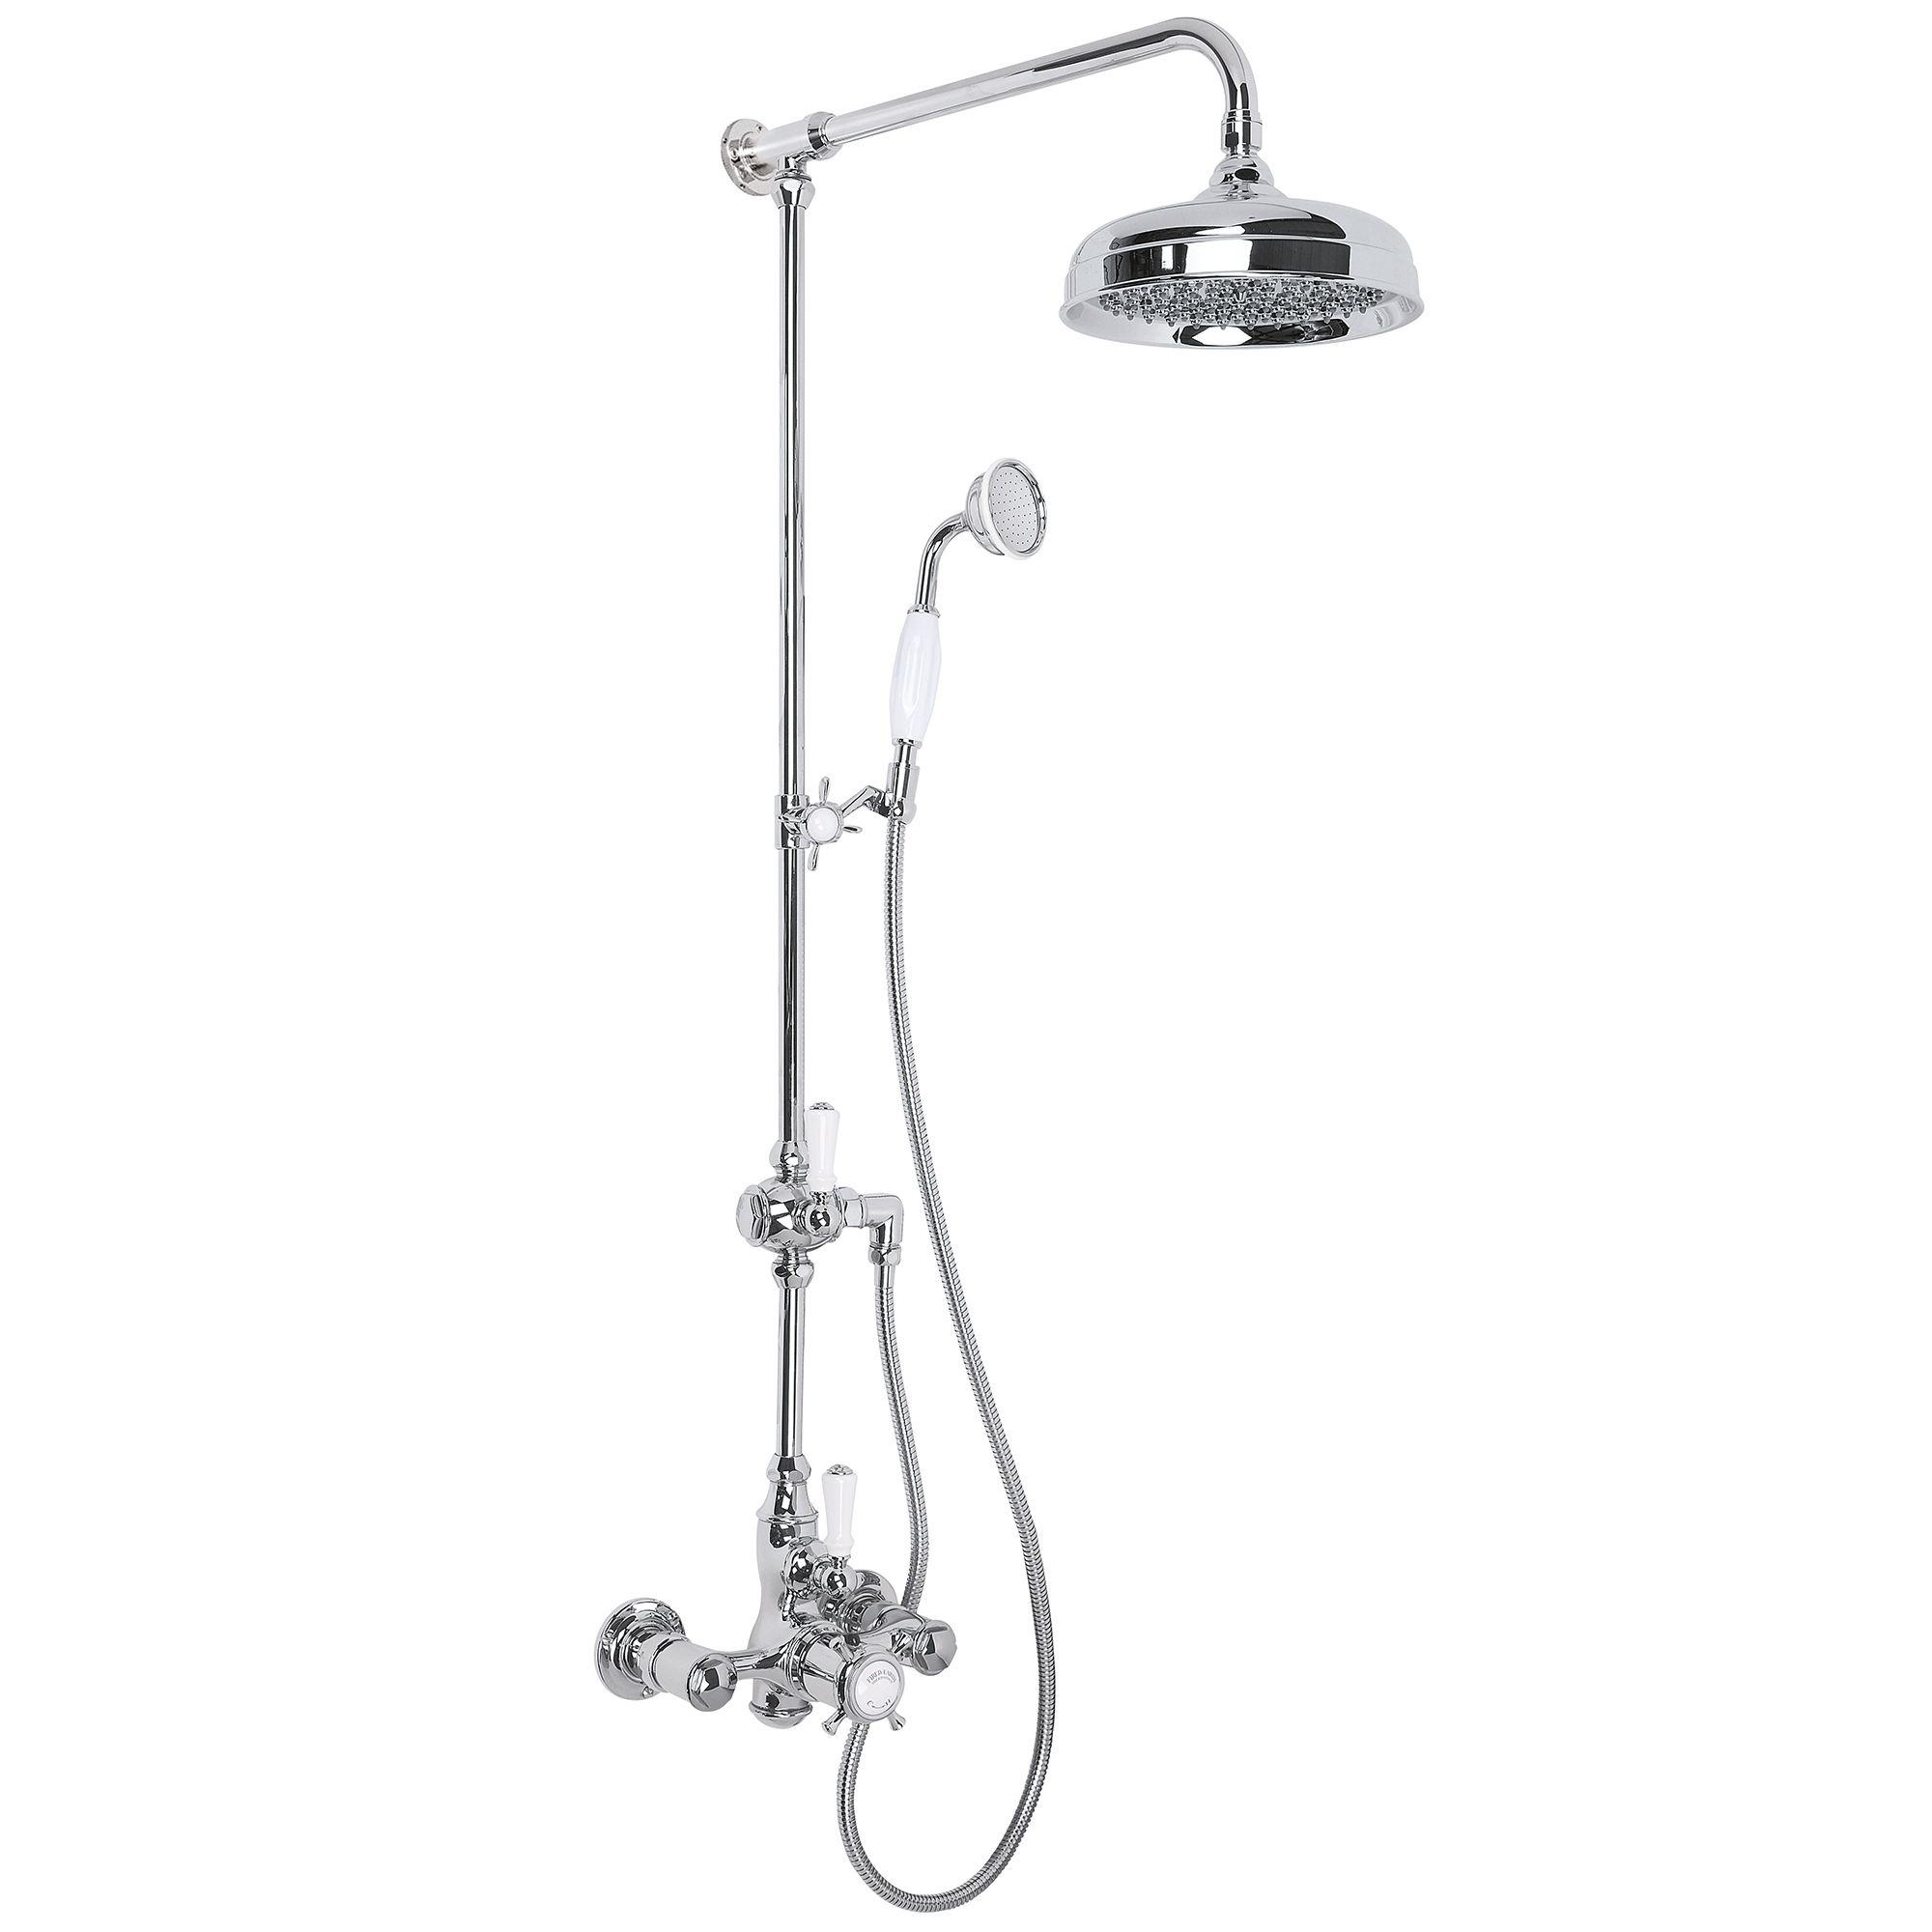 Avebury Grande Exposed Shower